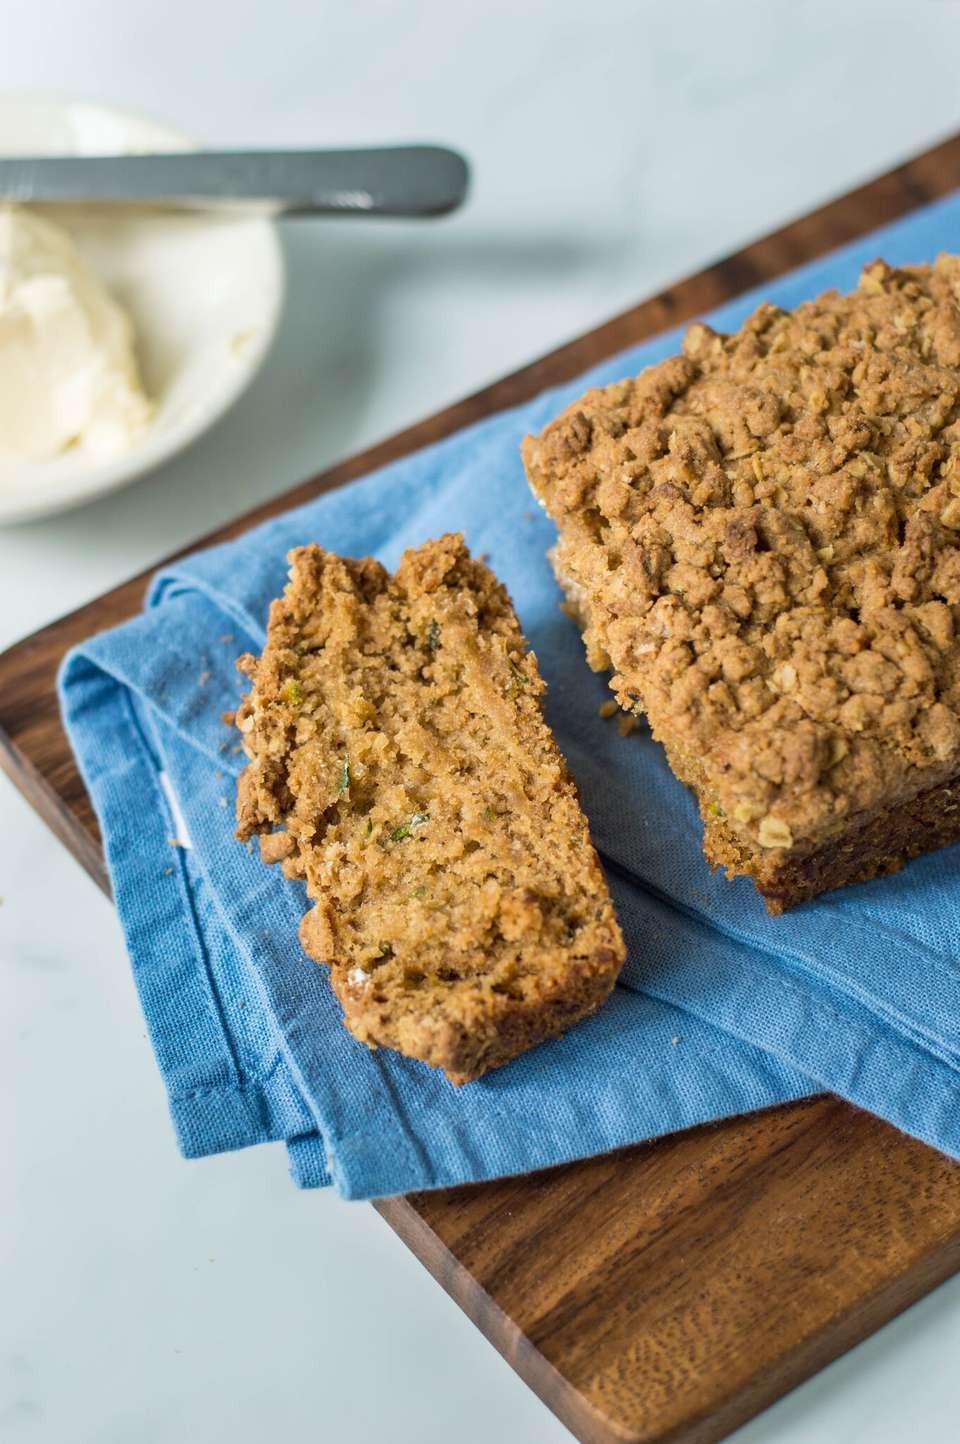 Zucchini Bread Vegan  Vegan Zucchini Bread Recipe for Bread Lovers